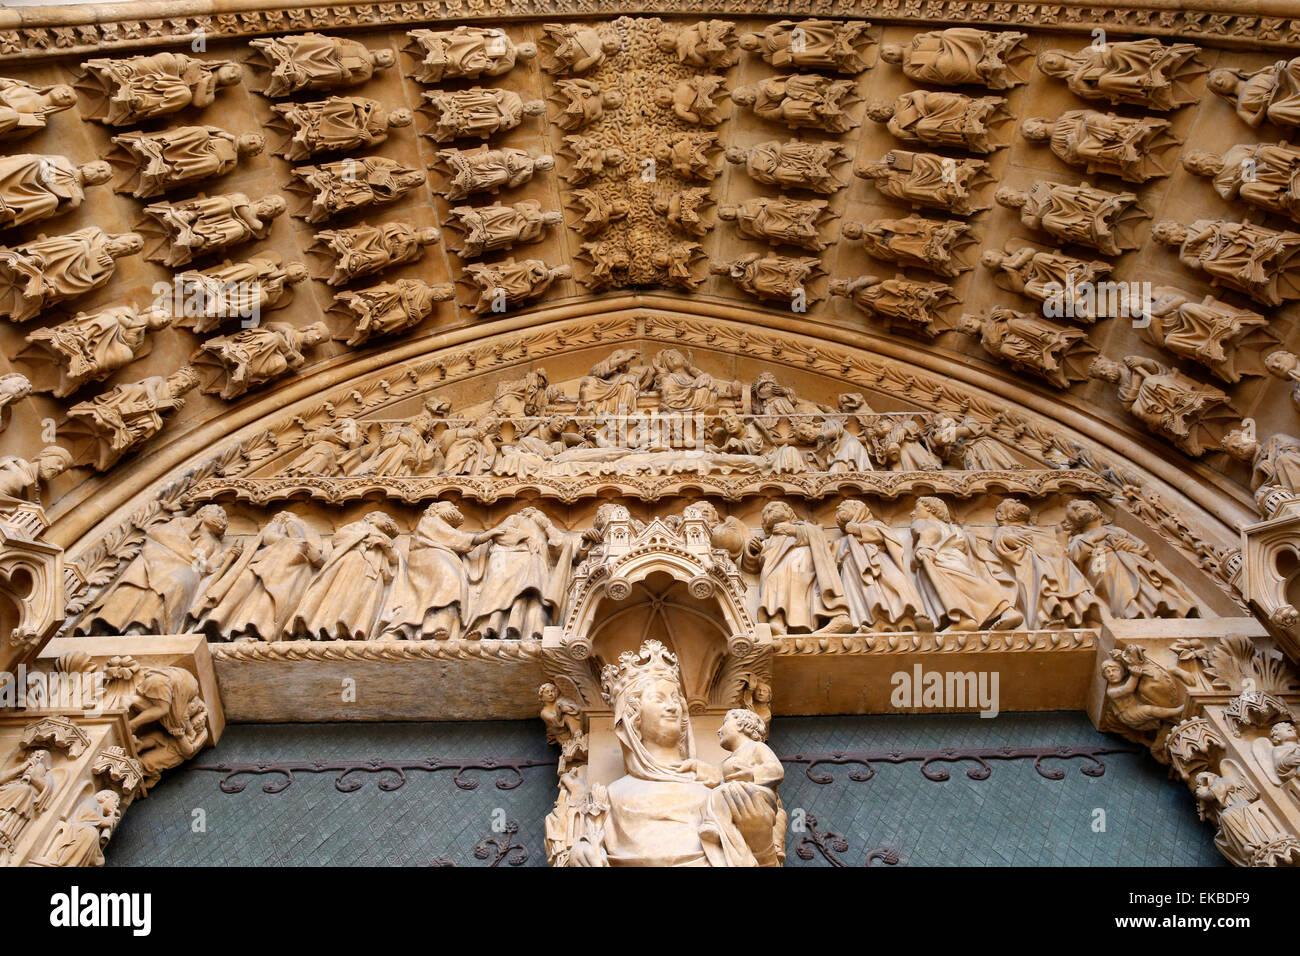 Portal der Heiligen Jungfrau aus dem 13. Jahrhundert, die Kathedrale von Metz, Metz, Lothringen, Frankreich, Europa Stockbild